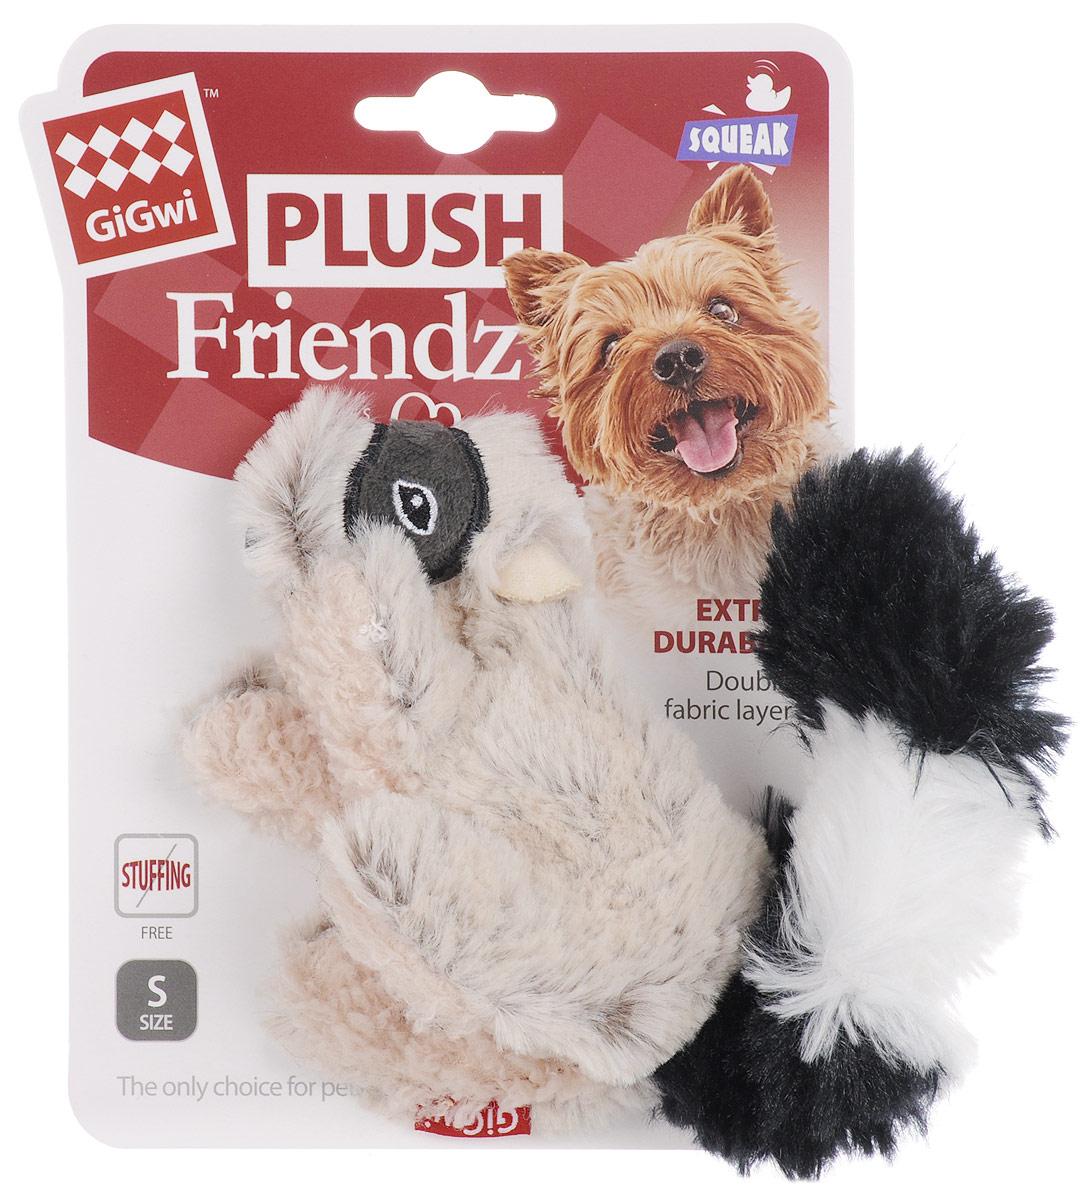 Игрушка для собак GiGwi Енот, с пищалкой, длина 16 см75307Игрушка для собак GiGwi Енот порадует вашу собаку и доставит ей море веселья. Несмотря на большое количество материалов, большинство собак для игры выбирают классические плюшевые игрушки. Такие игрушки можно носить, уютно прижиматься во сне, жевать. Некоторые собаки просто любят взять в зубы игрушку и ходить с ней повсюду. Мягкие игрушки сохраняют запах питомца, поэтому он каждый раз к ней возвращается. Милые, мягкие и приятные зверушки характеризуются высоким качеством исполнения и привлекательным дизайном. Внутри игрушки нет наполнителя, что поможет сохранить чистоту в помещении. Игрушка снабжена пищалкой, которая привлекает внимание животного.